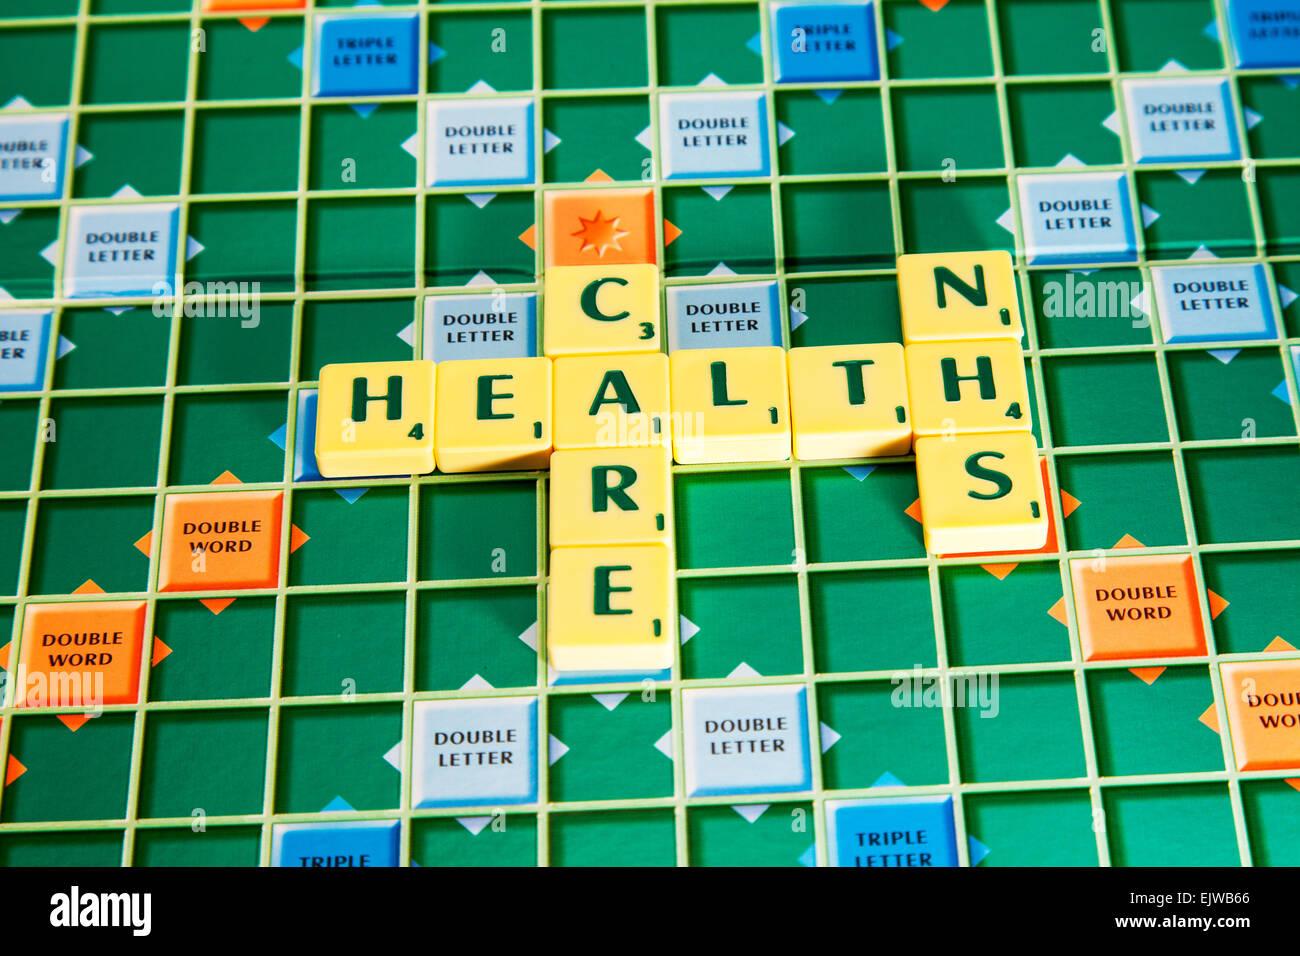 Salud hospital nhs hospitales palabras con scrabble azulejos para ilustrar la ortografía deletrear Imagen De Stock